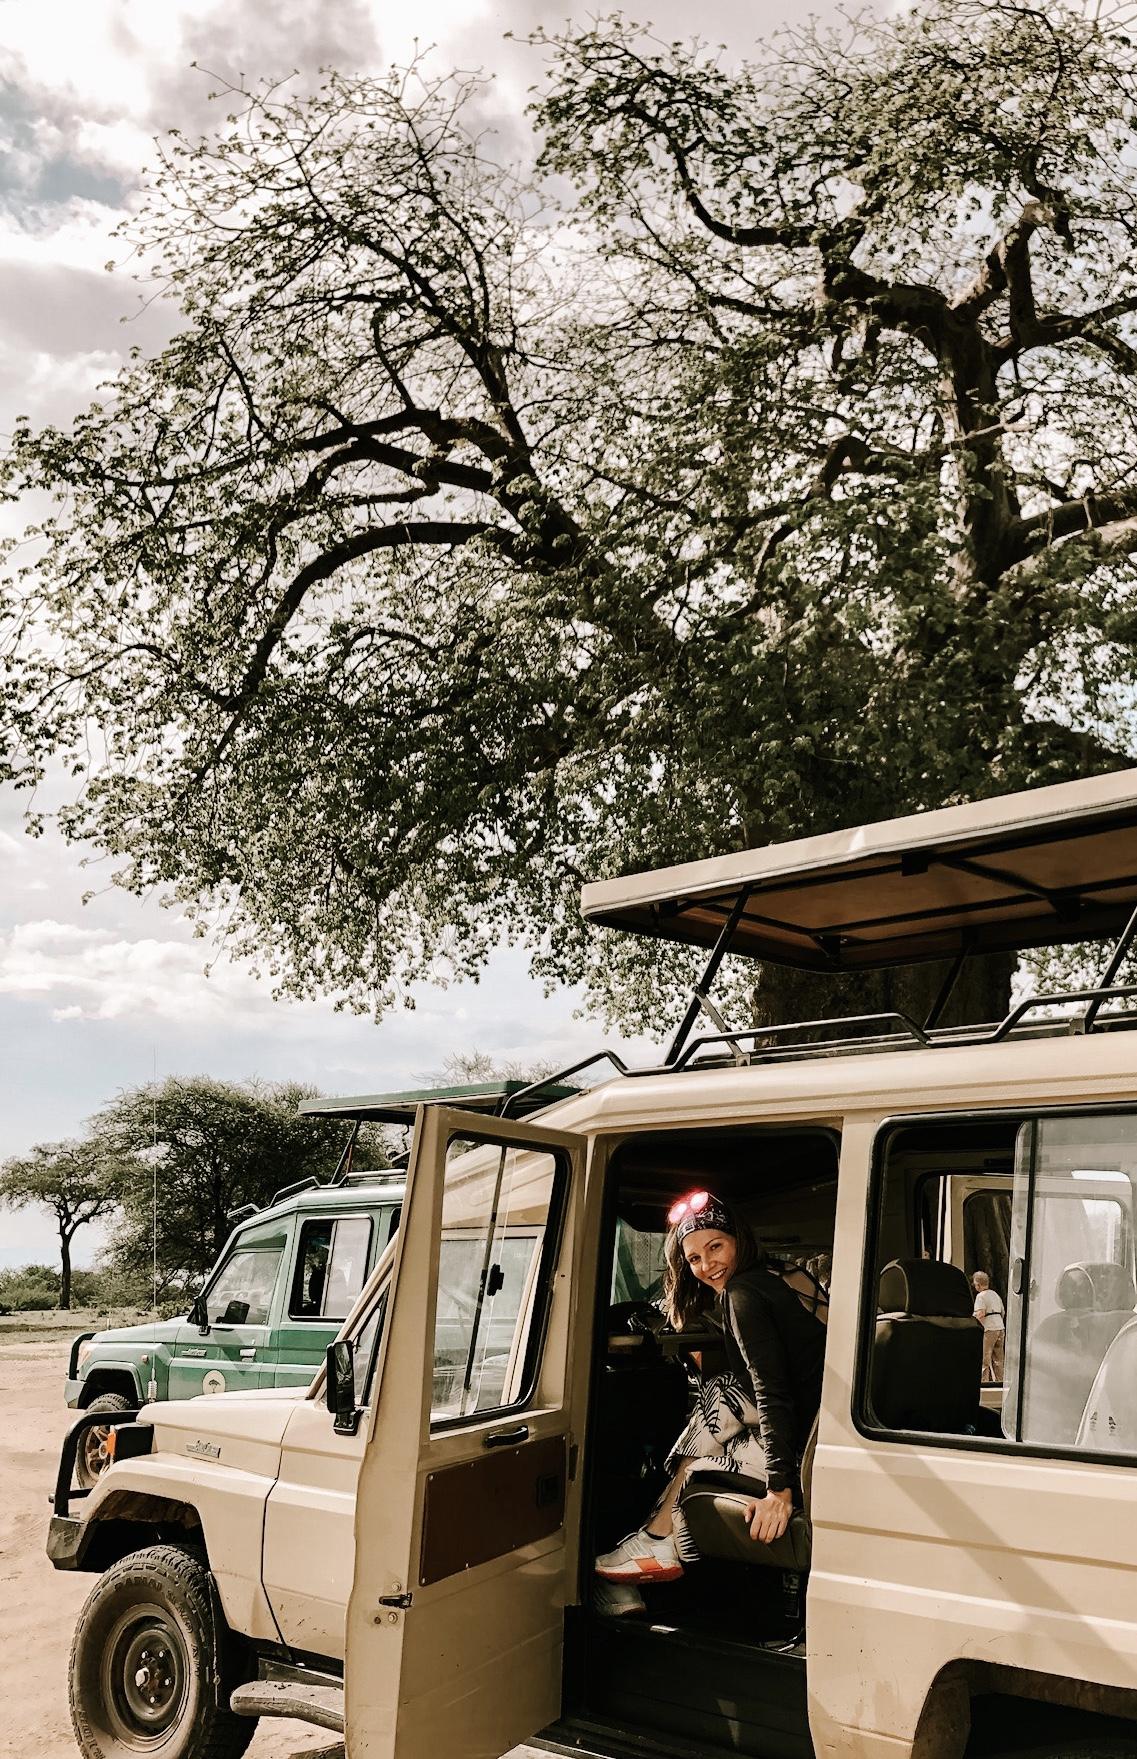 Mini van at Kenya safari tour